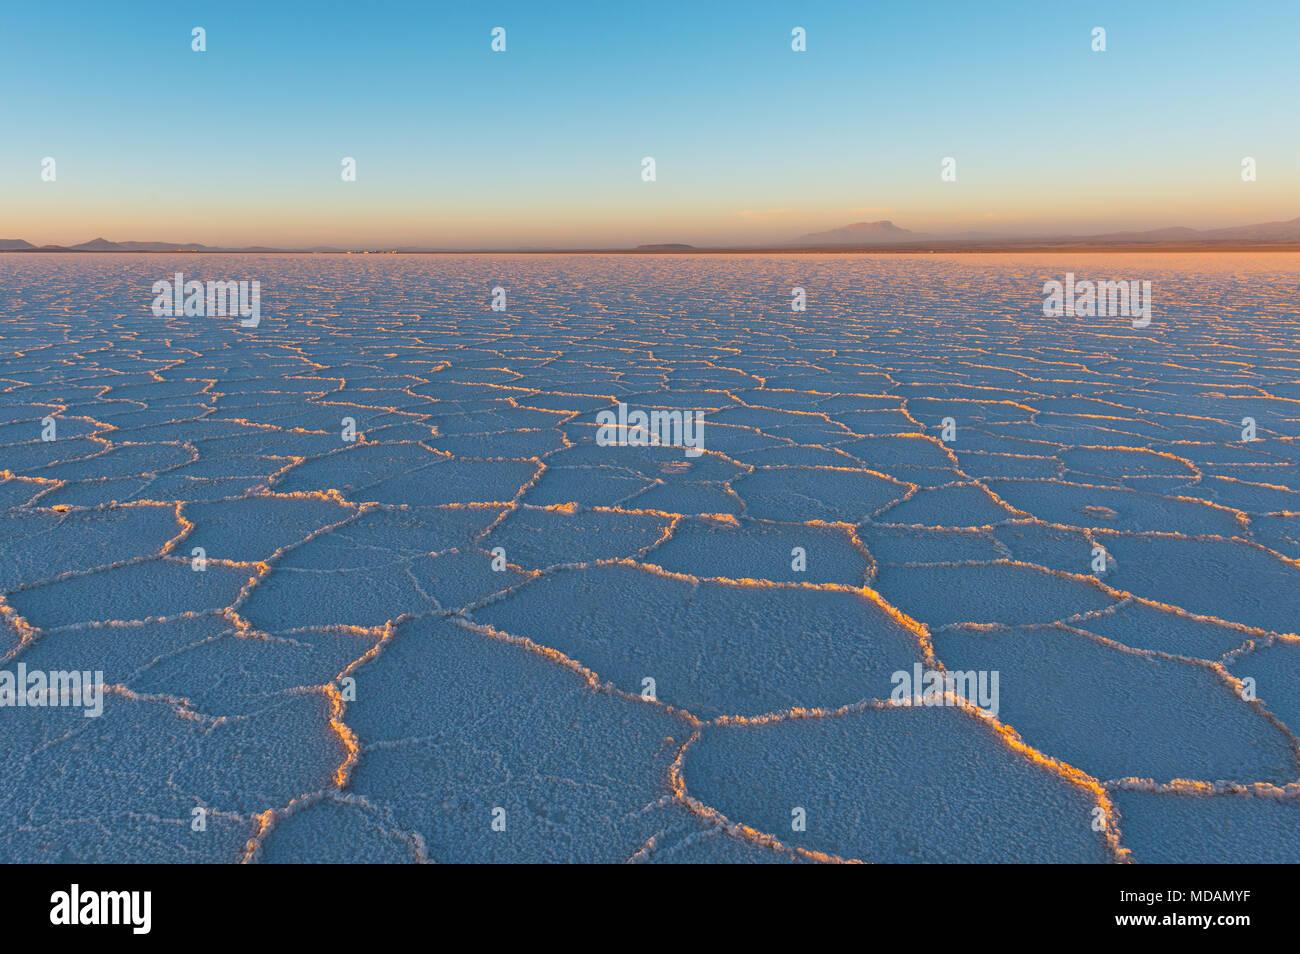 Coucher du soleil dans l'Uyuni salt flat (Salar de Uyuni) avec les derniers rayons du soleil qui brille sur les formations hexagonales minéral, la Bolivie, l'Amérique du Sud. Photo Stock